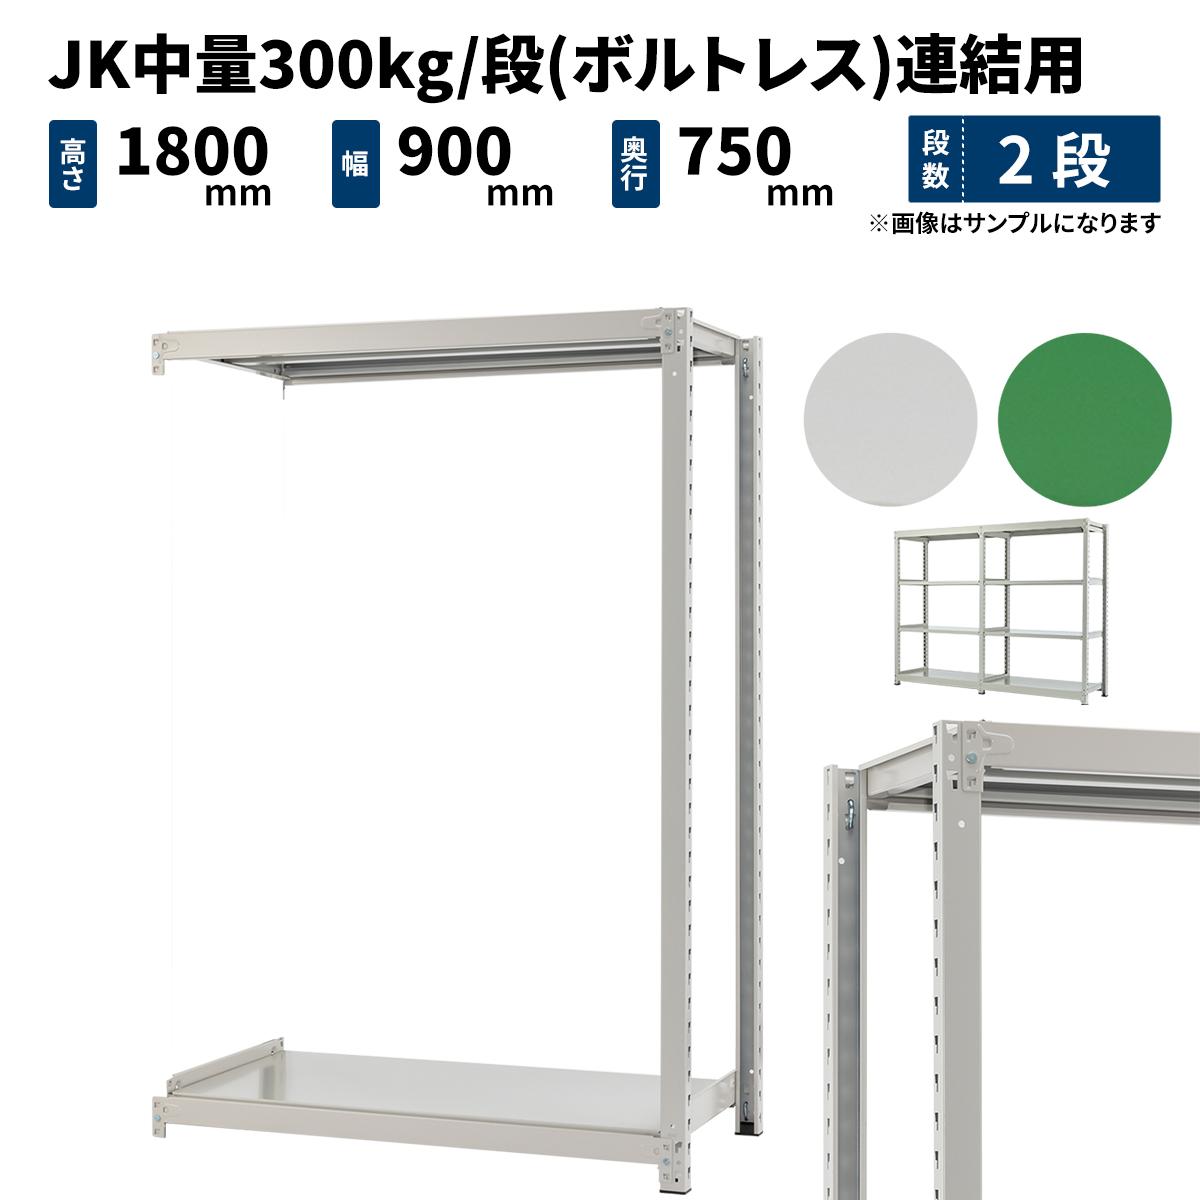 スチールラック 業務用 JK中量300kg/段(ボルトレス) 連結形式 高さ1800×幅900×奥行750mm 2段 ホワイトグレー/グリーン (35kg) JK300_R-180975-2